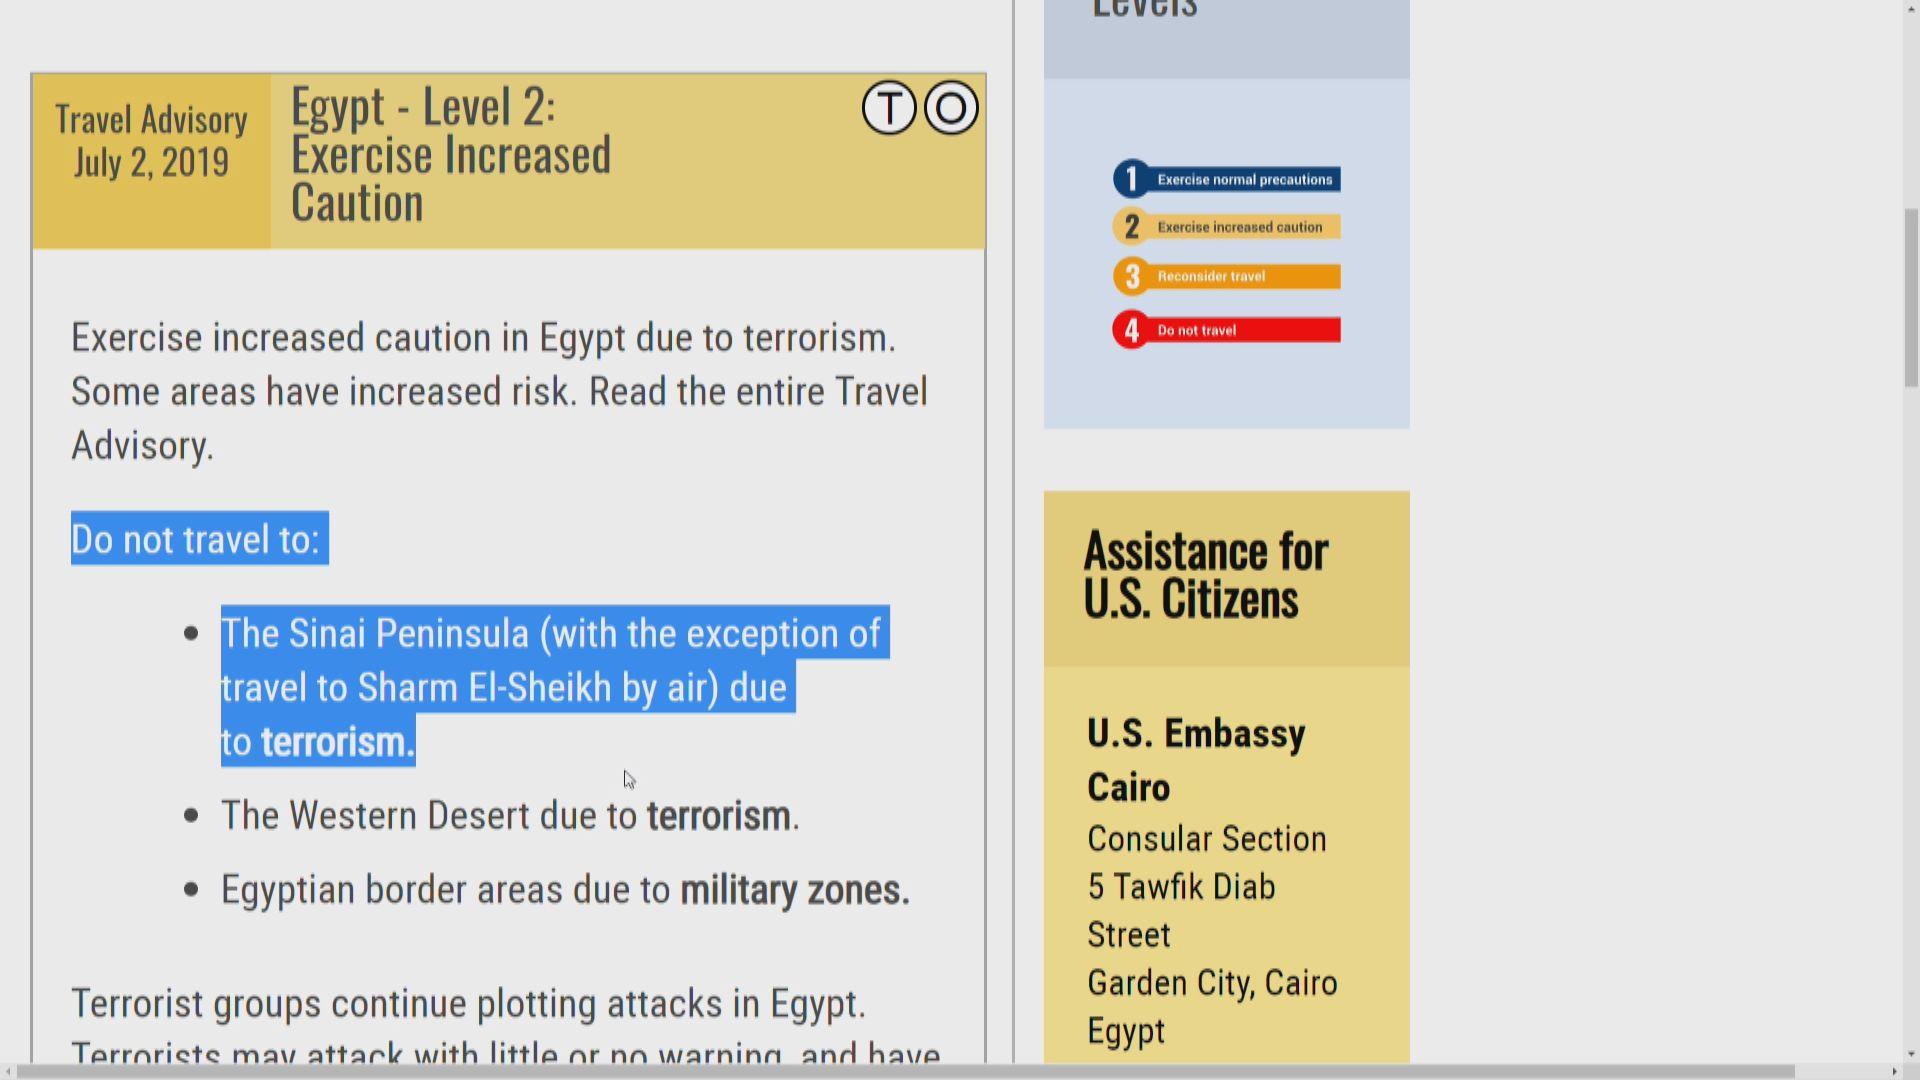 英航及漢莎以保安理由停飛埃及航班